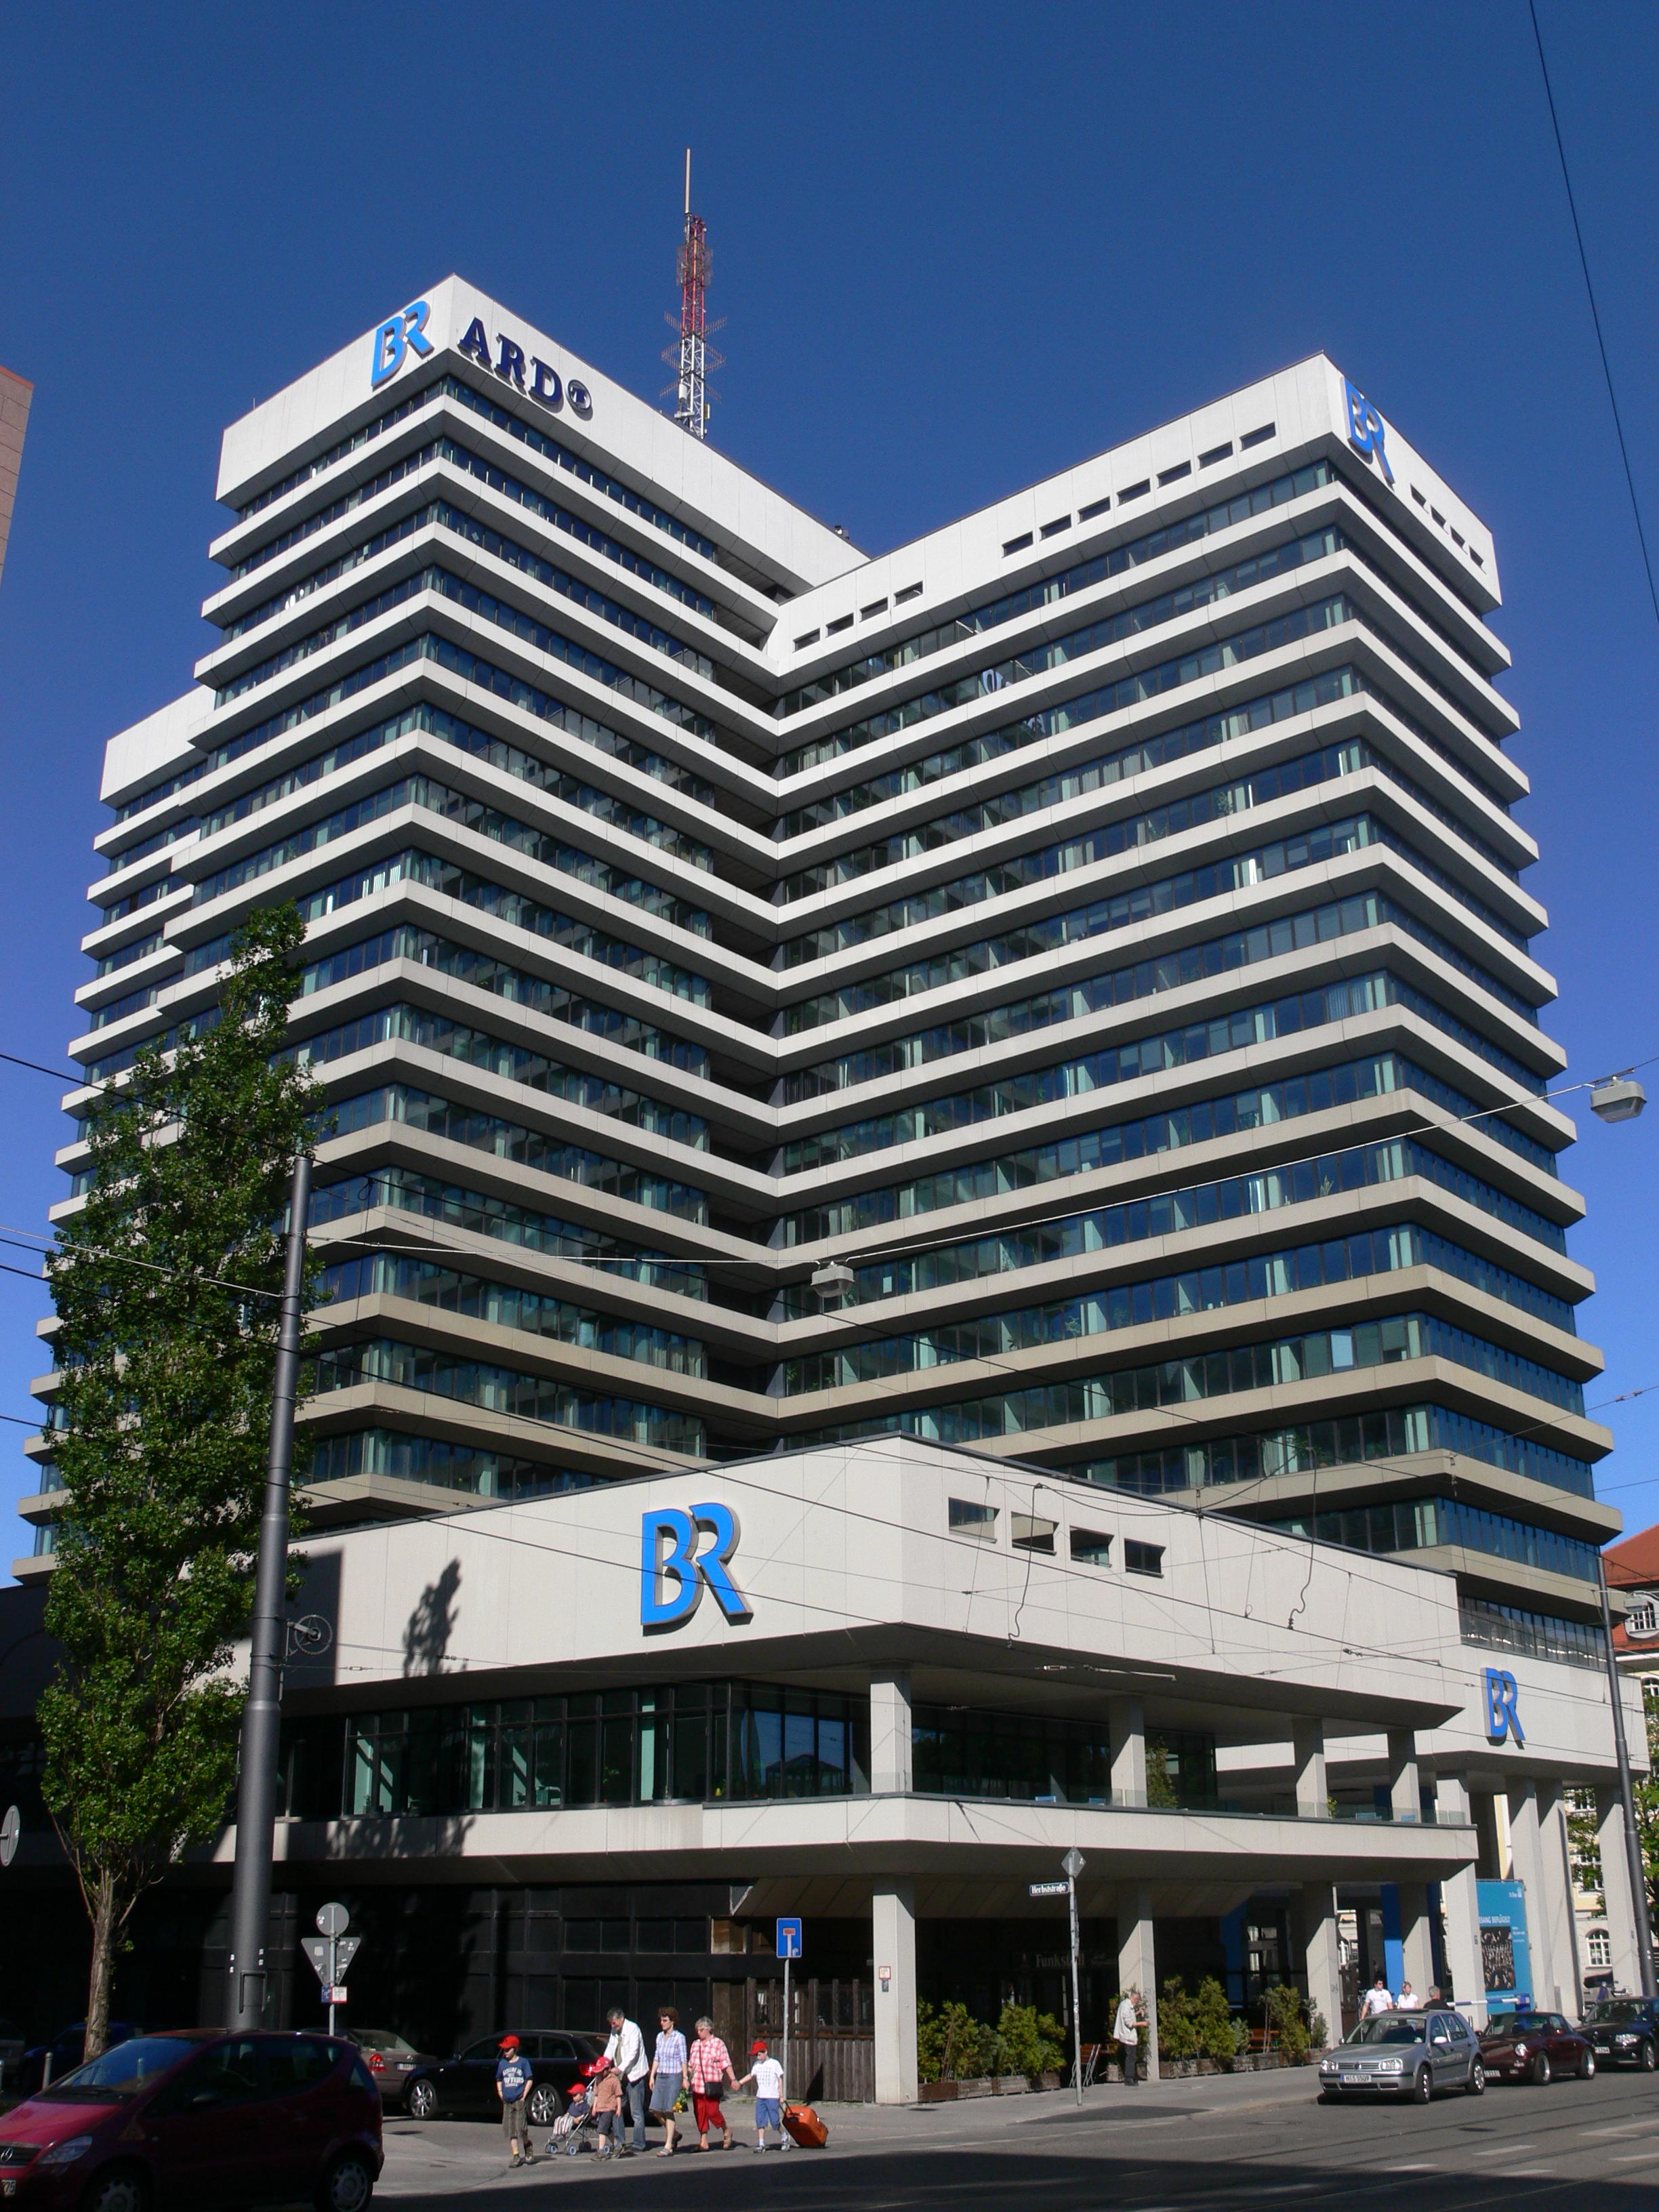 BR-Hauptfunkhaus, München